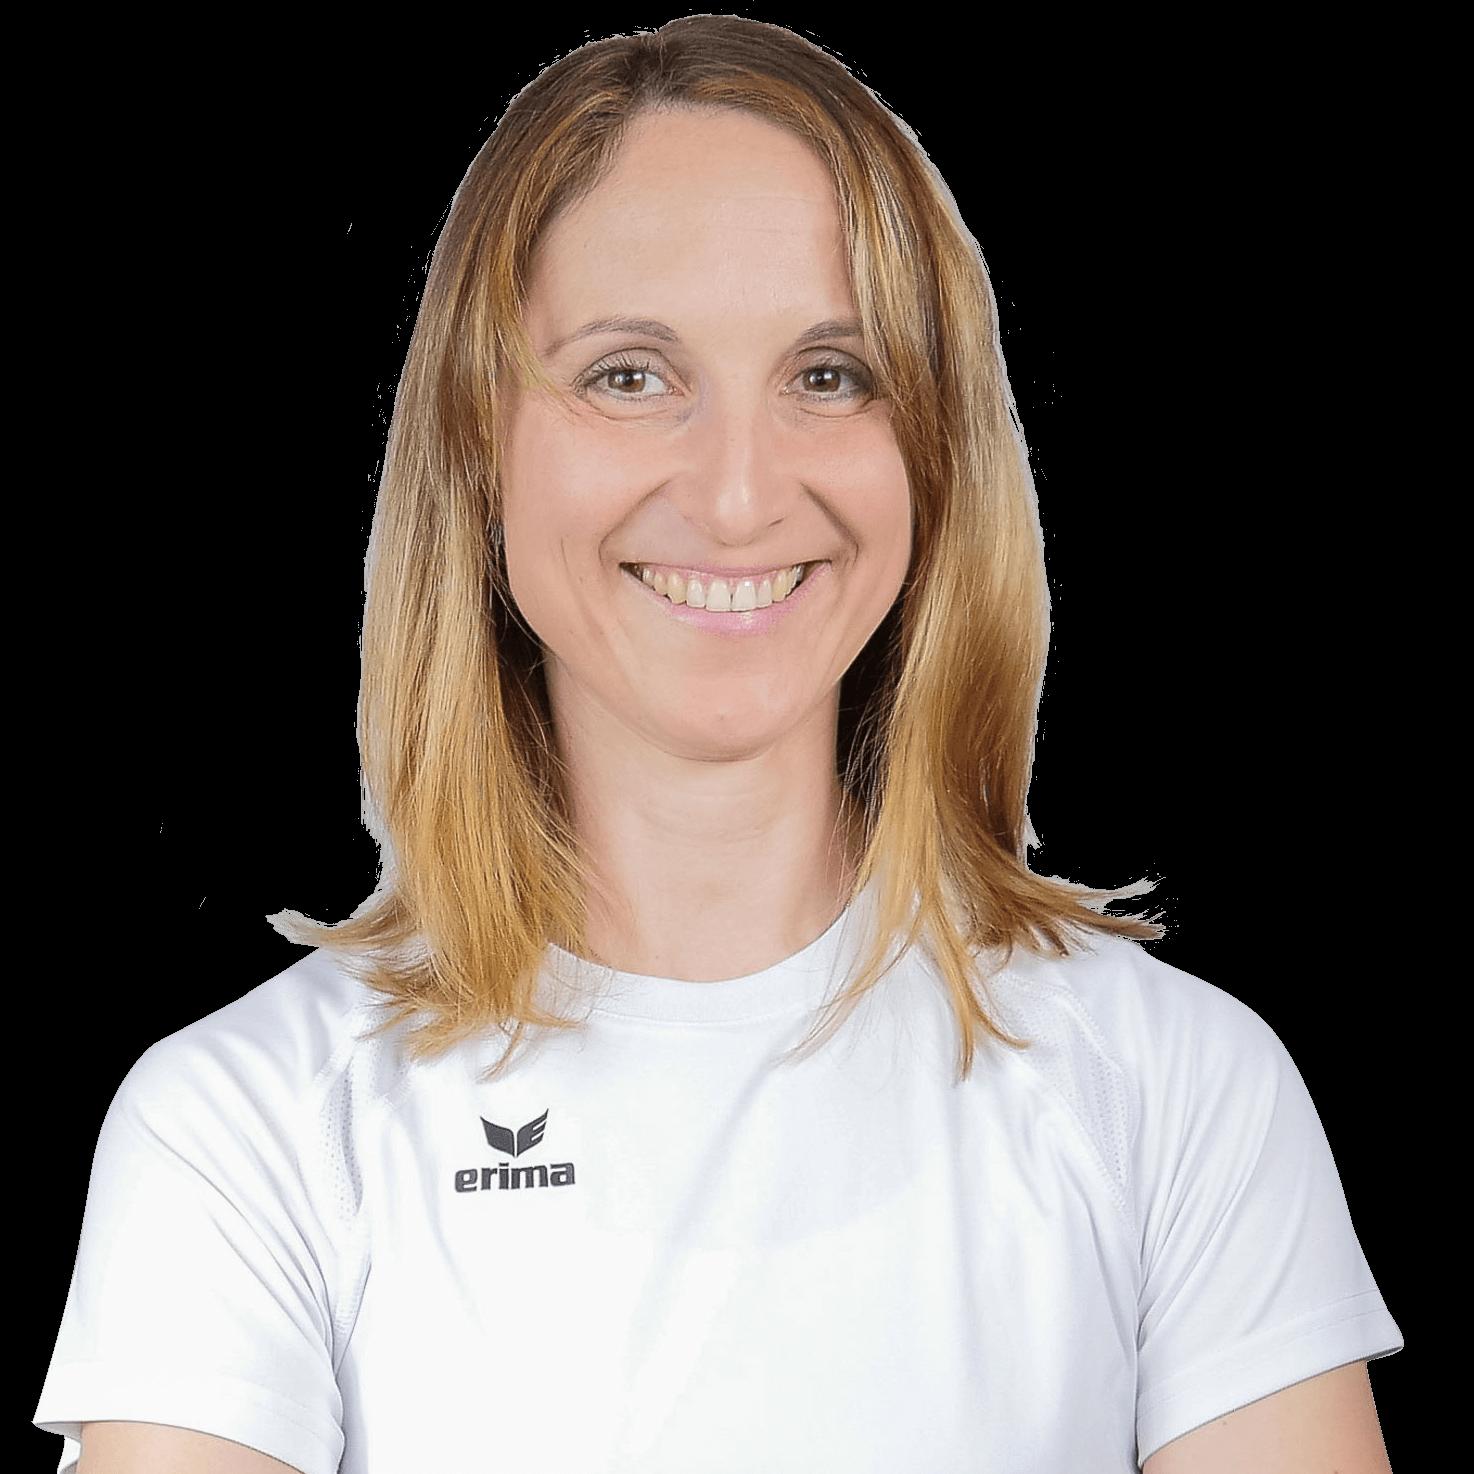 Christina Krämer - Spezialistin für Schmerztherapie und Sportmedizin Avatar